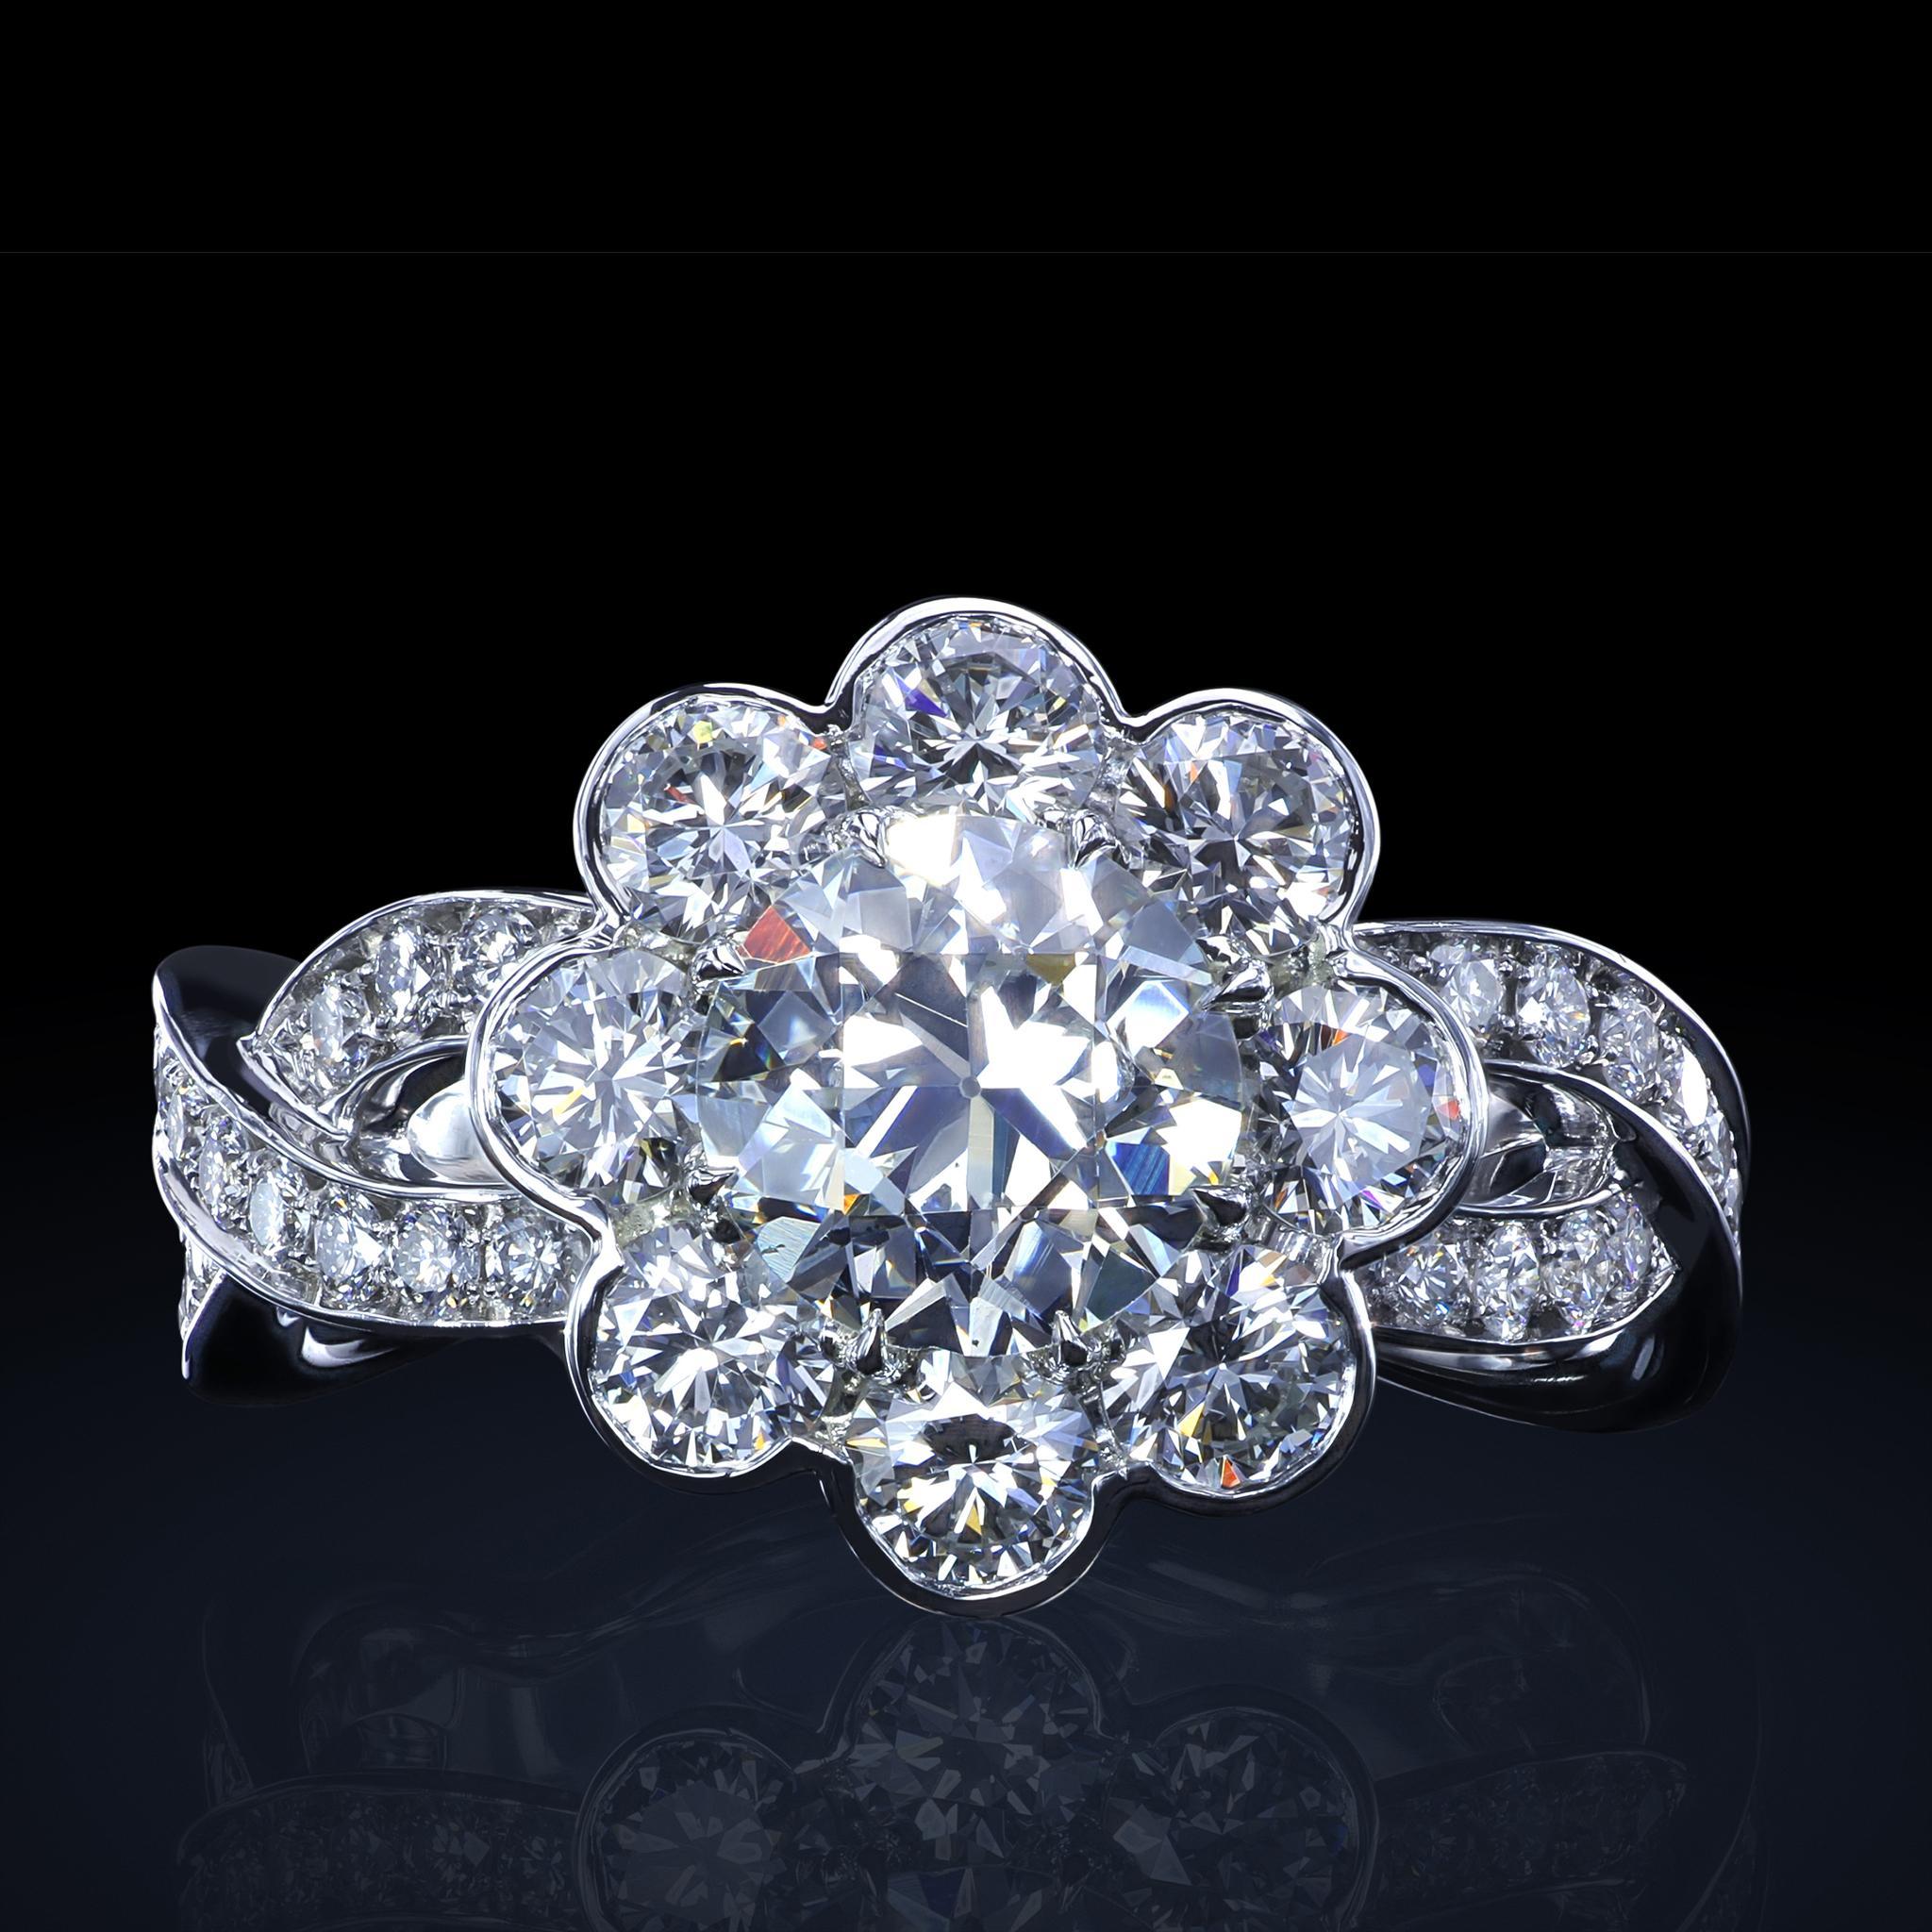 """Exclusive Platinum: 1.07 Carat GIA Certified Diamond In Exclusive """"Fiore"""